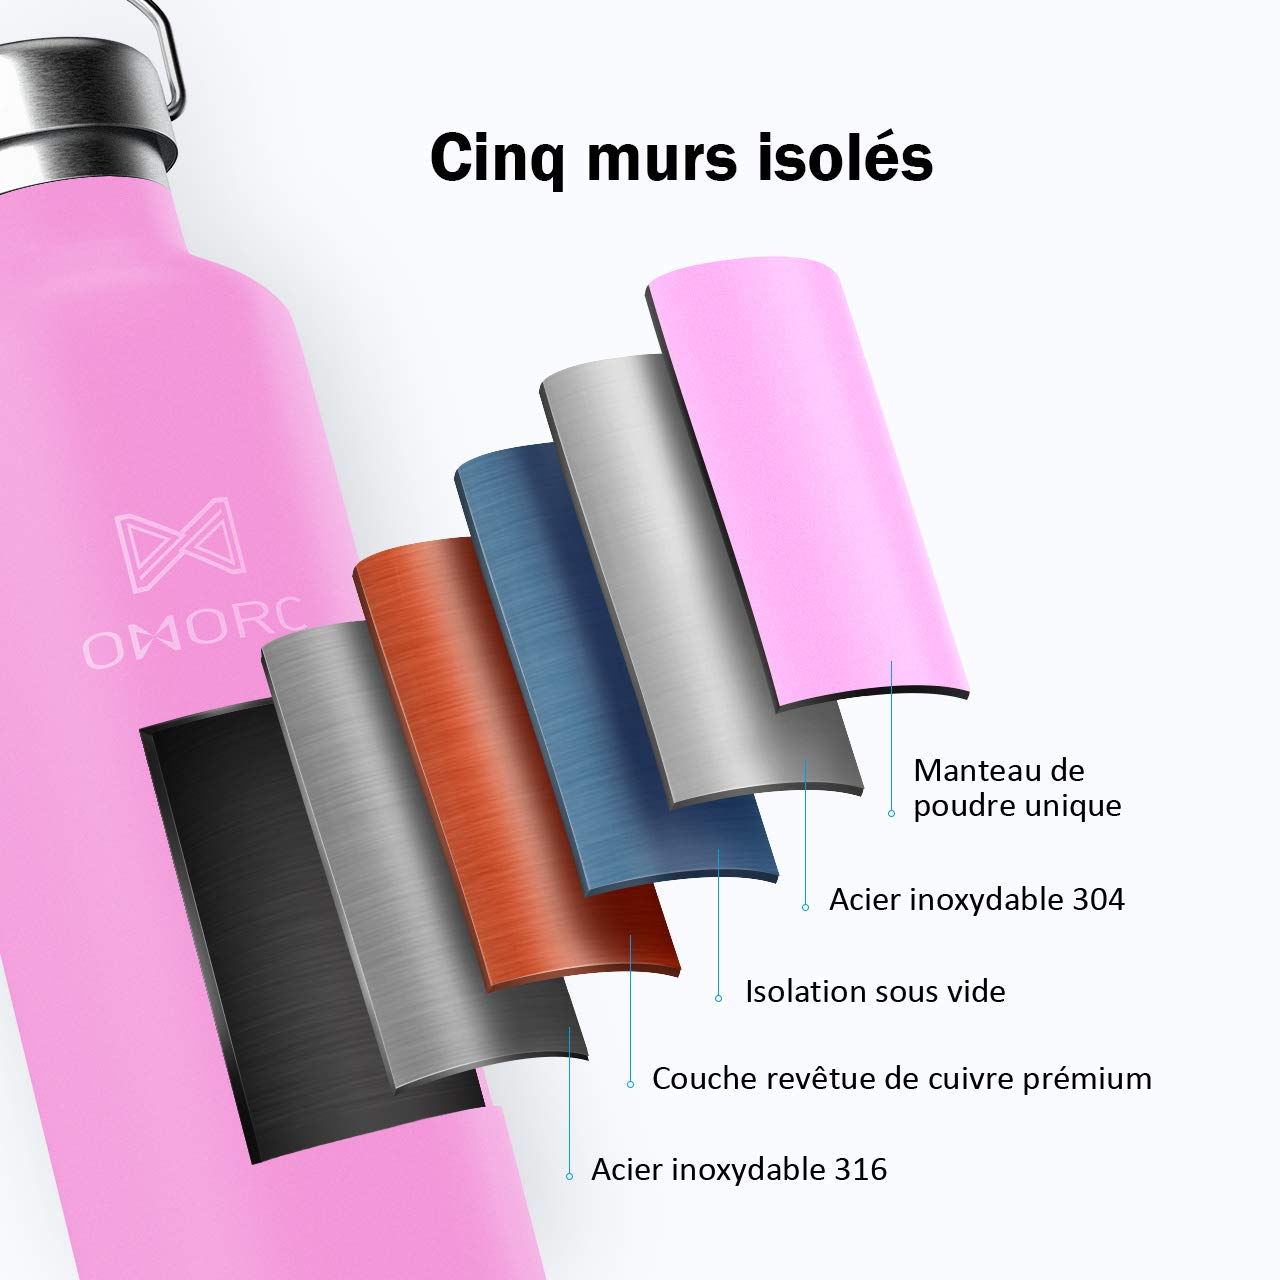 OMORC Bouteille deau Isol/ée par Vide dair en Acier Inoxydable 600ML//1000ML Anti-Condensation,Bouteille Isotherme R/éutilisable sans BPA Conserver Froid 28H et Chaud14H,2 Bouchons Interchangeables